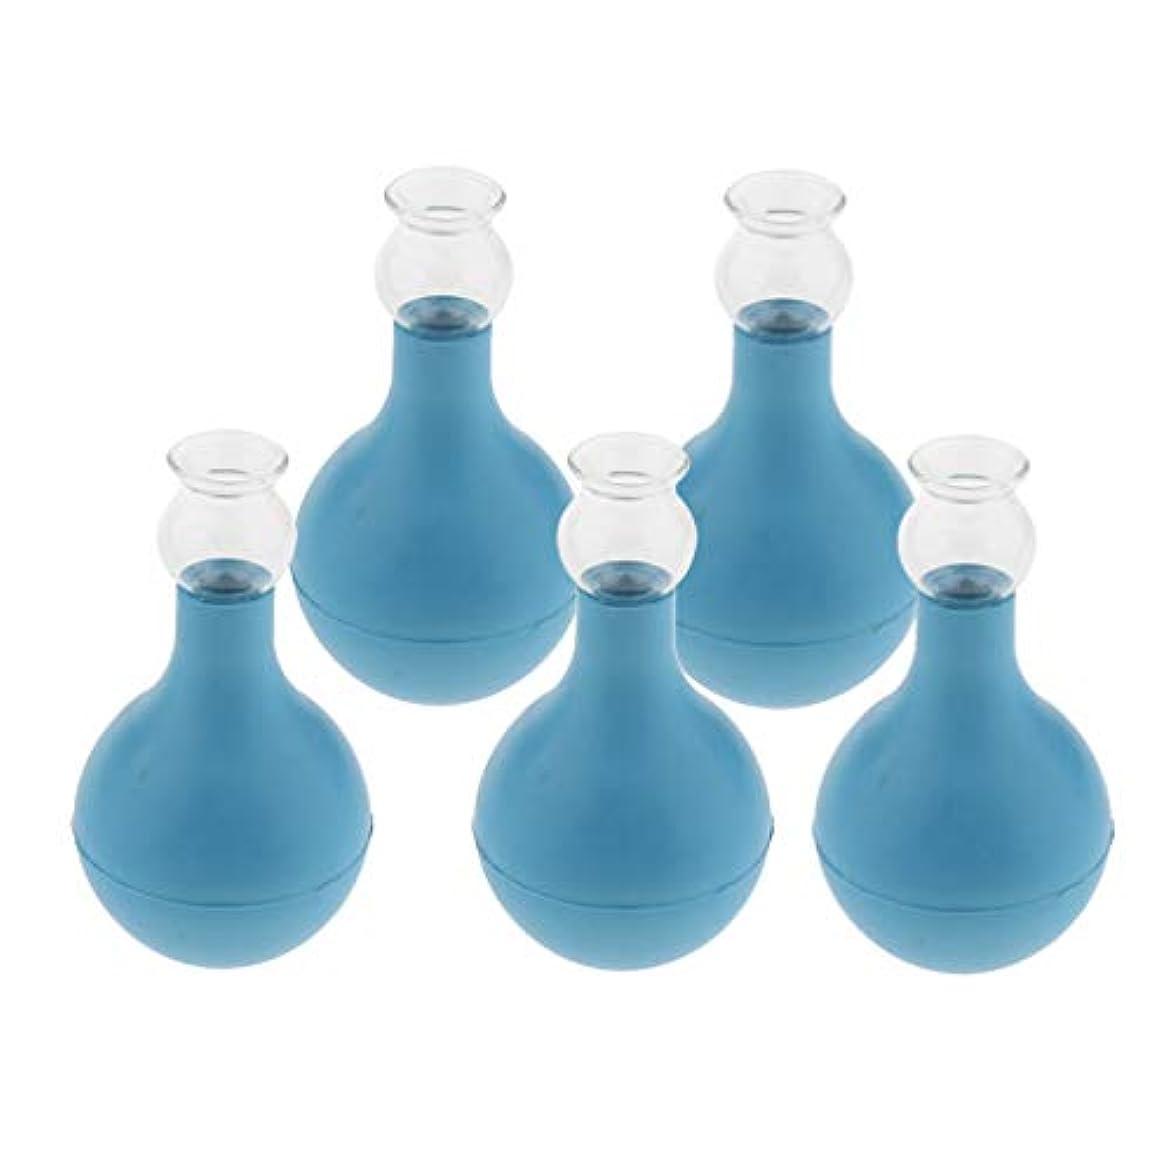 冗長誘惑爆弾FLAMEER 5個 セルライト対策 カッピング ガラス/シリコン マッサージ吸い玉 使いやすい 腫脹緩和 2種選ぶ - ブルー+ブルー3cm, 3cm